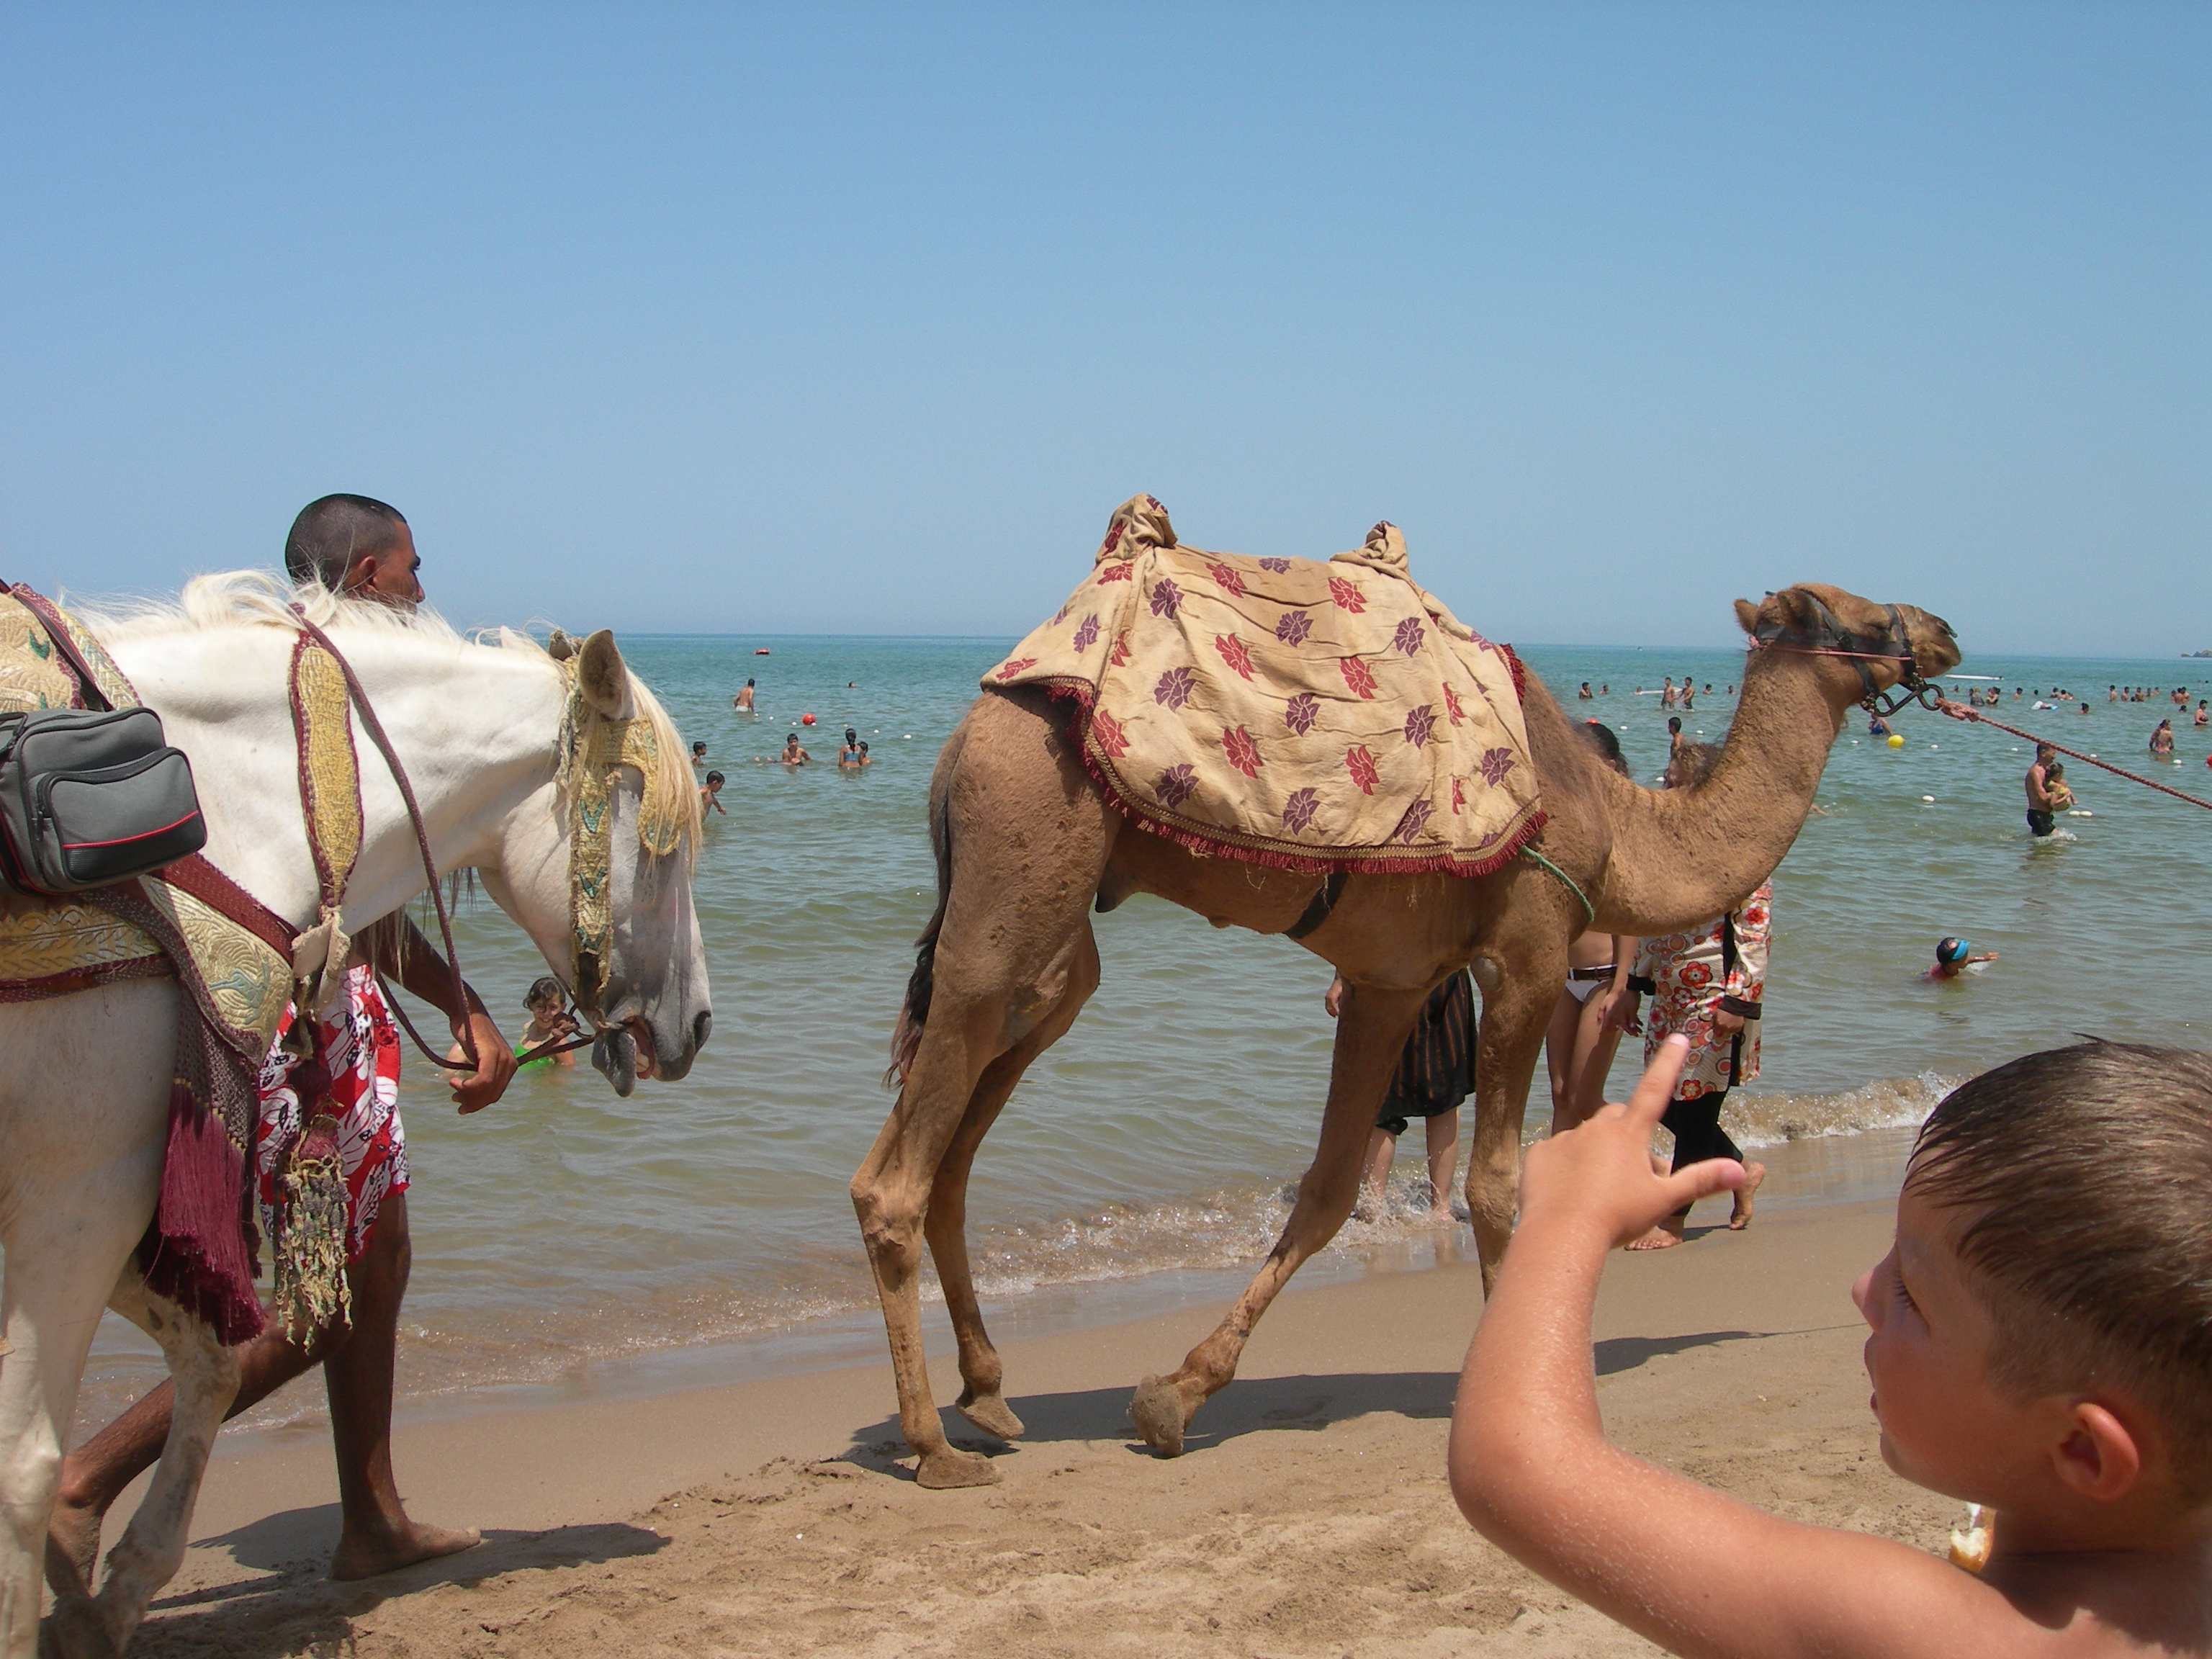 SAIDIA  ALQUILER Y VENTA DE APARTAMENTOS Y VILLAS  Tus mejores vacaciones en Saidia Marruecos